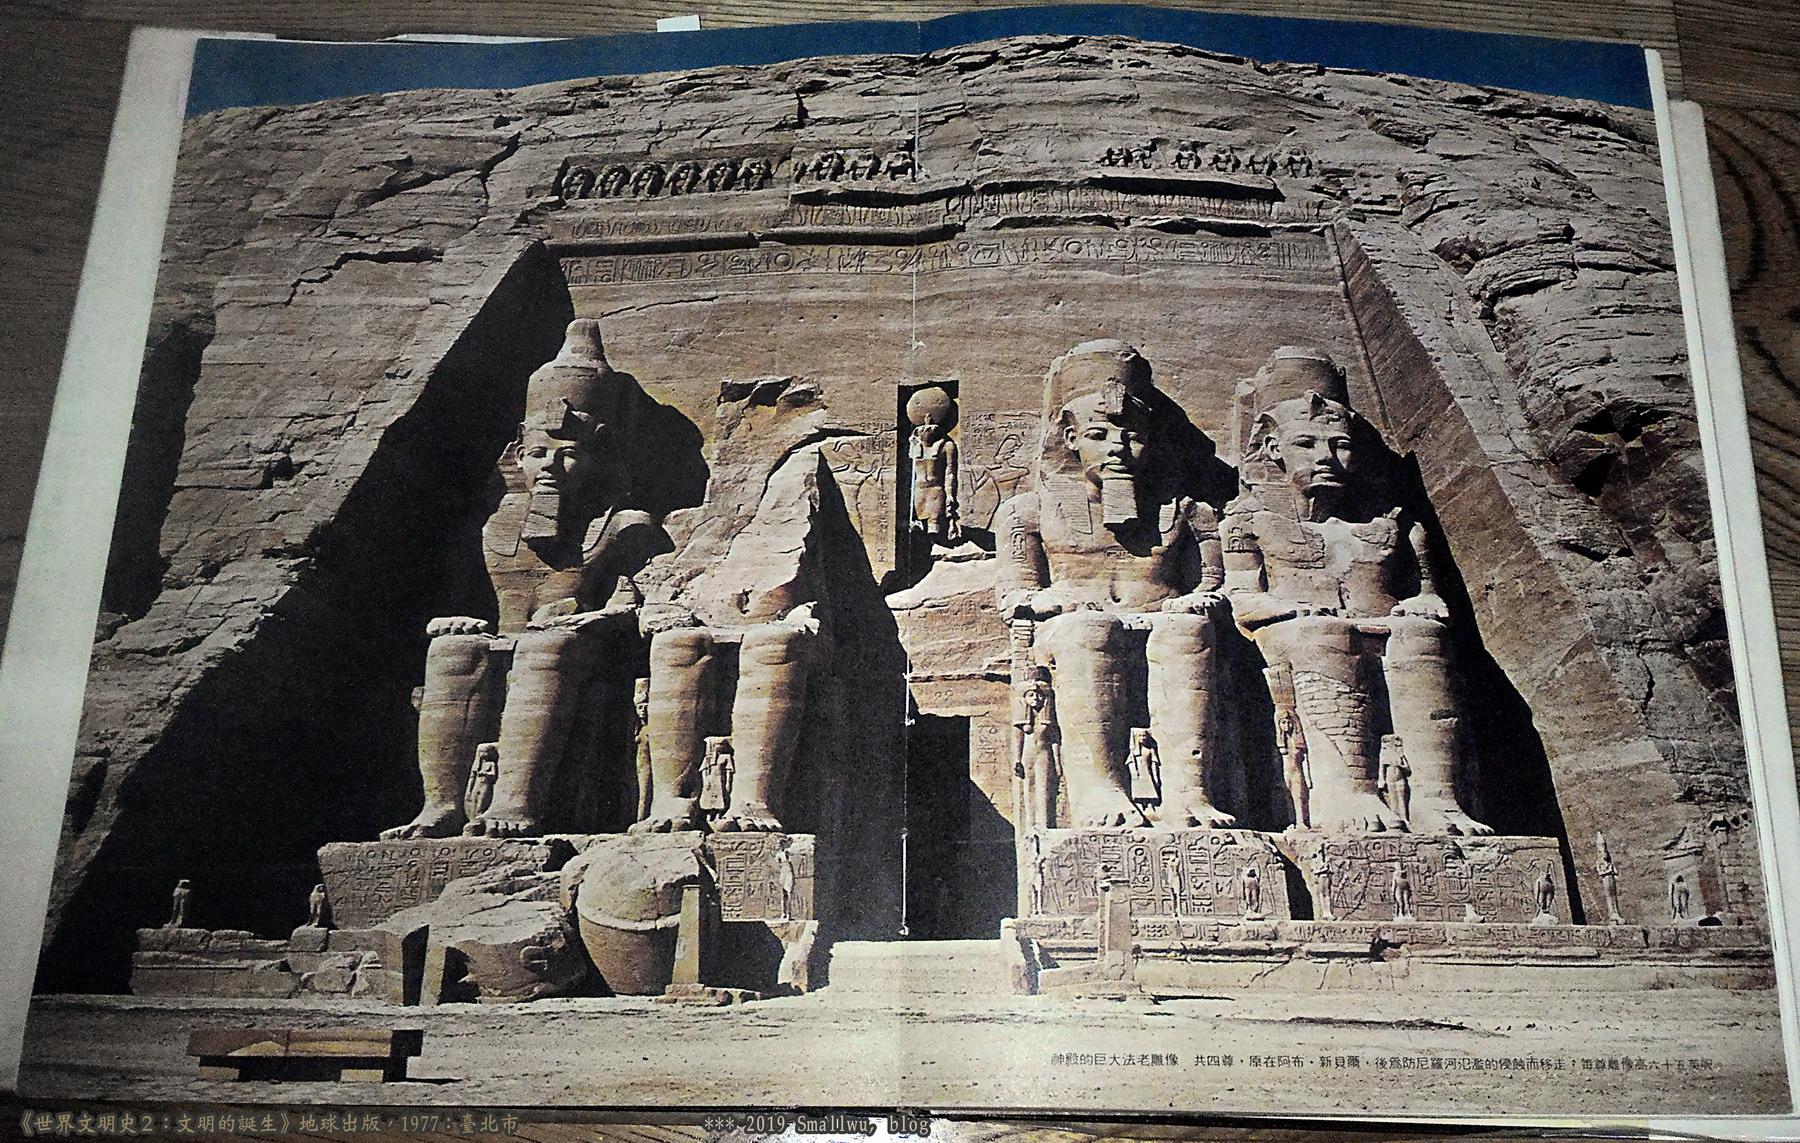 世界文明史2-文明的誕生-16 阿布辛貝神殿 拉美西斯二世雕像4尊.jpg